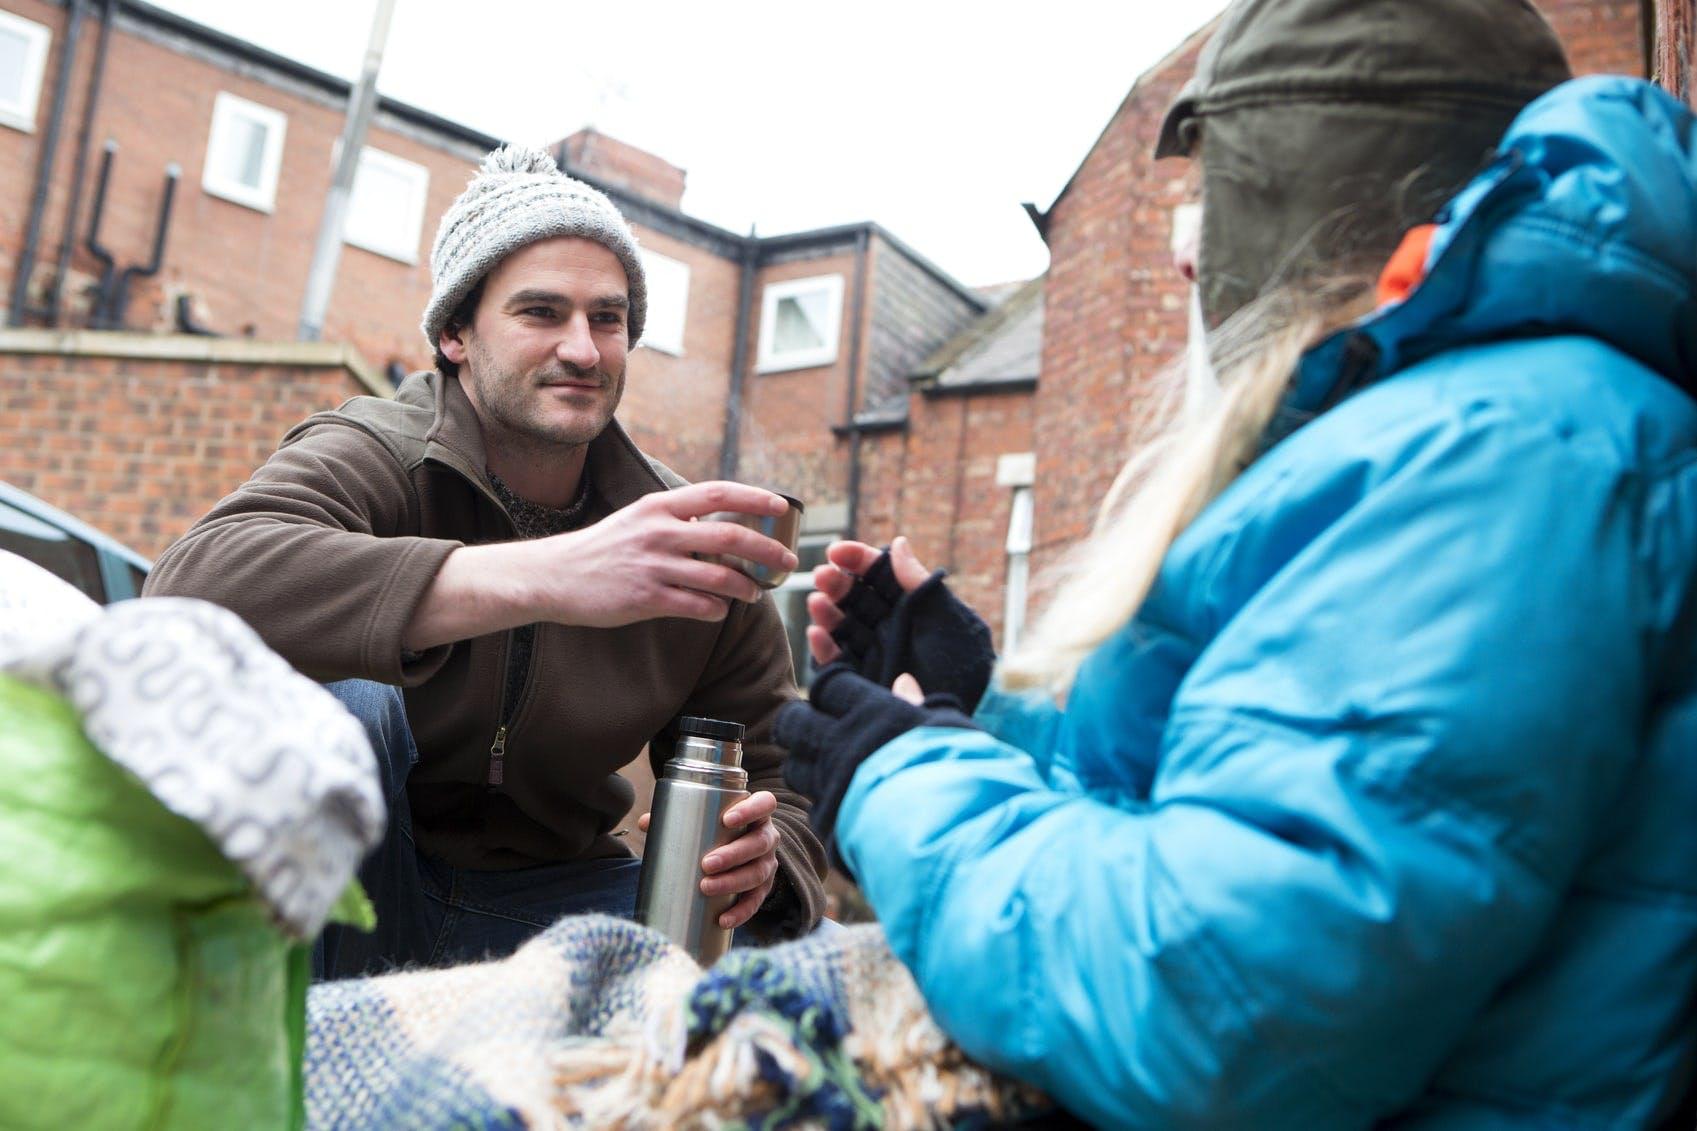 Obdachlosen helfen